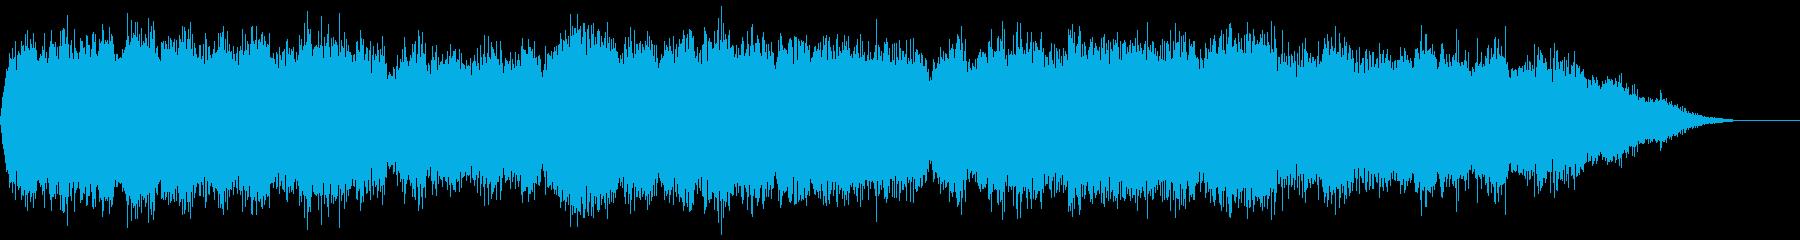 背景音 ホラー 14の再生済みの波形